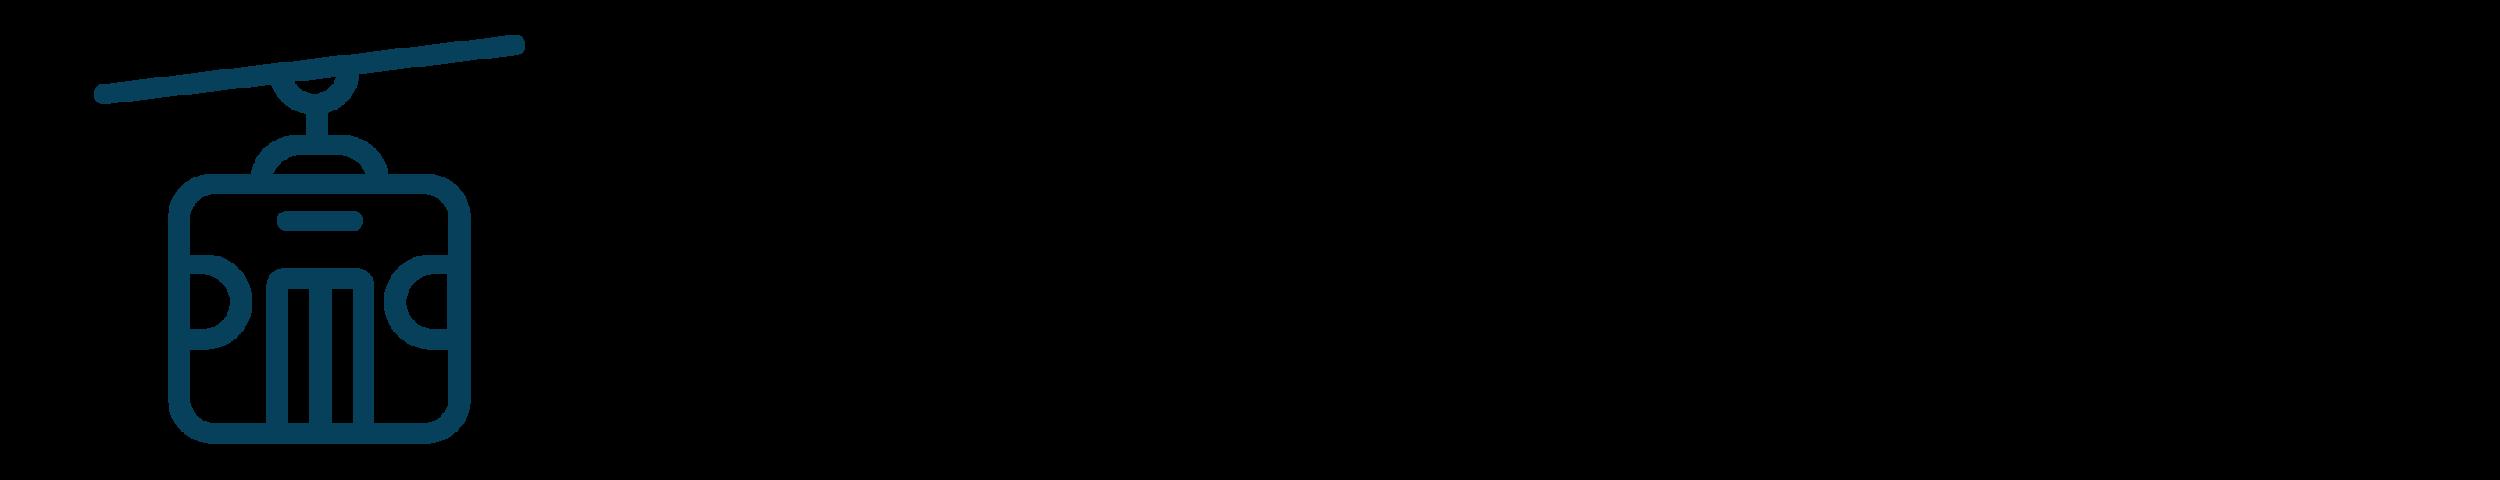 Web_symbols-13.png